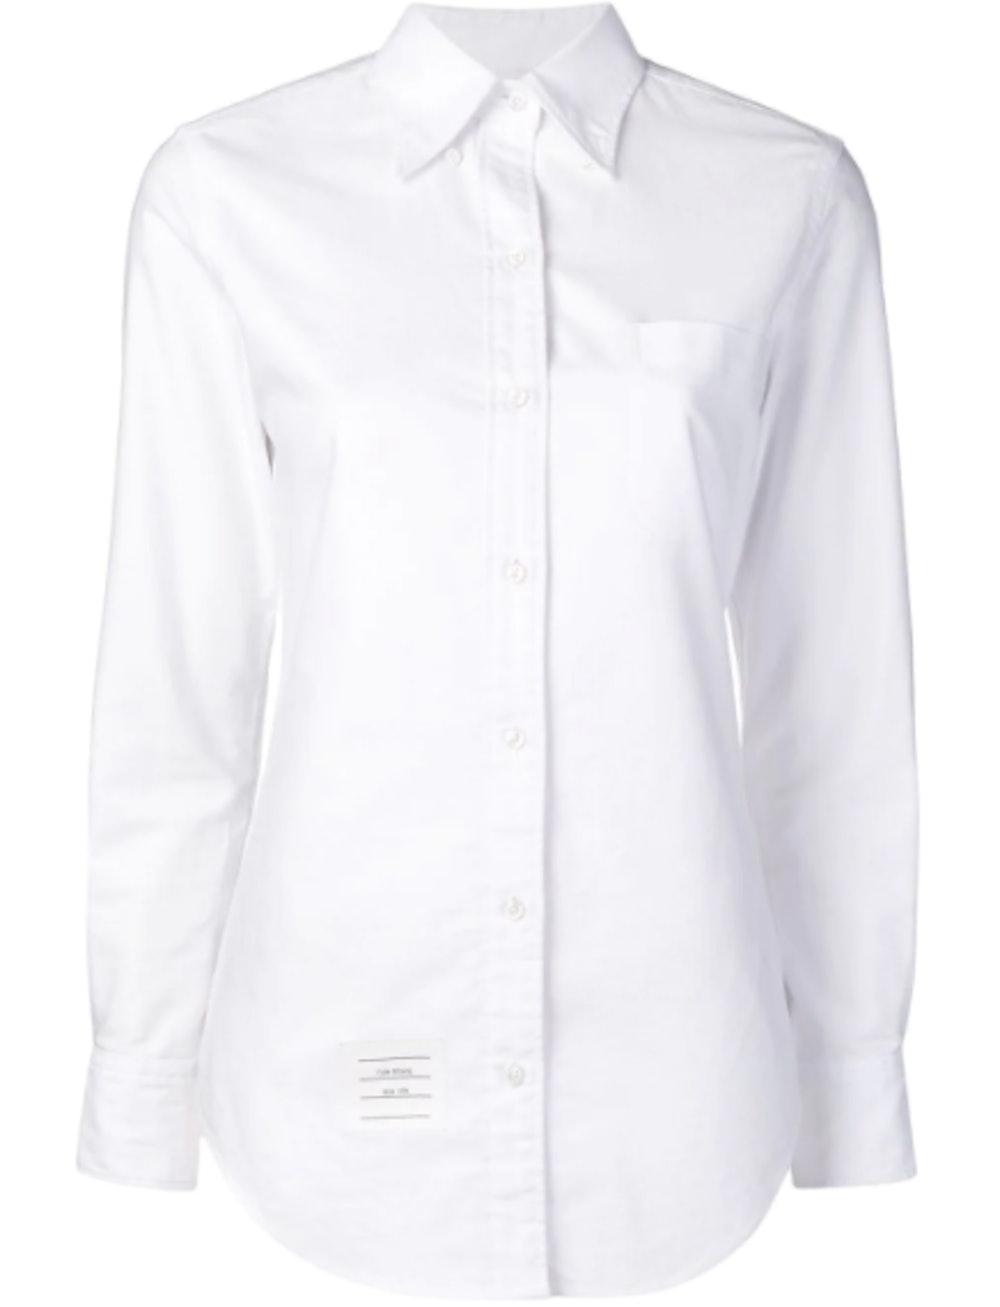 RWB Tab Long-Sleeve Oxford Shirt